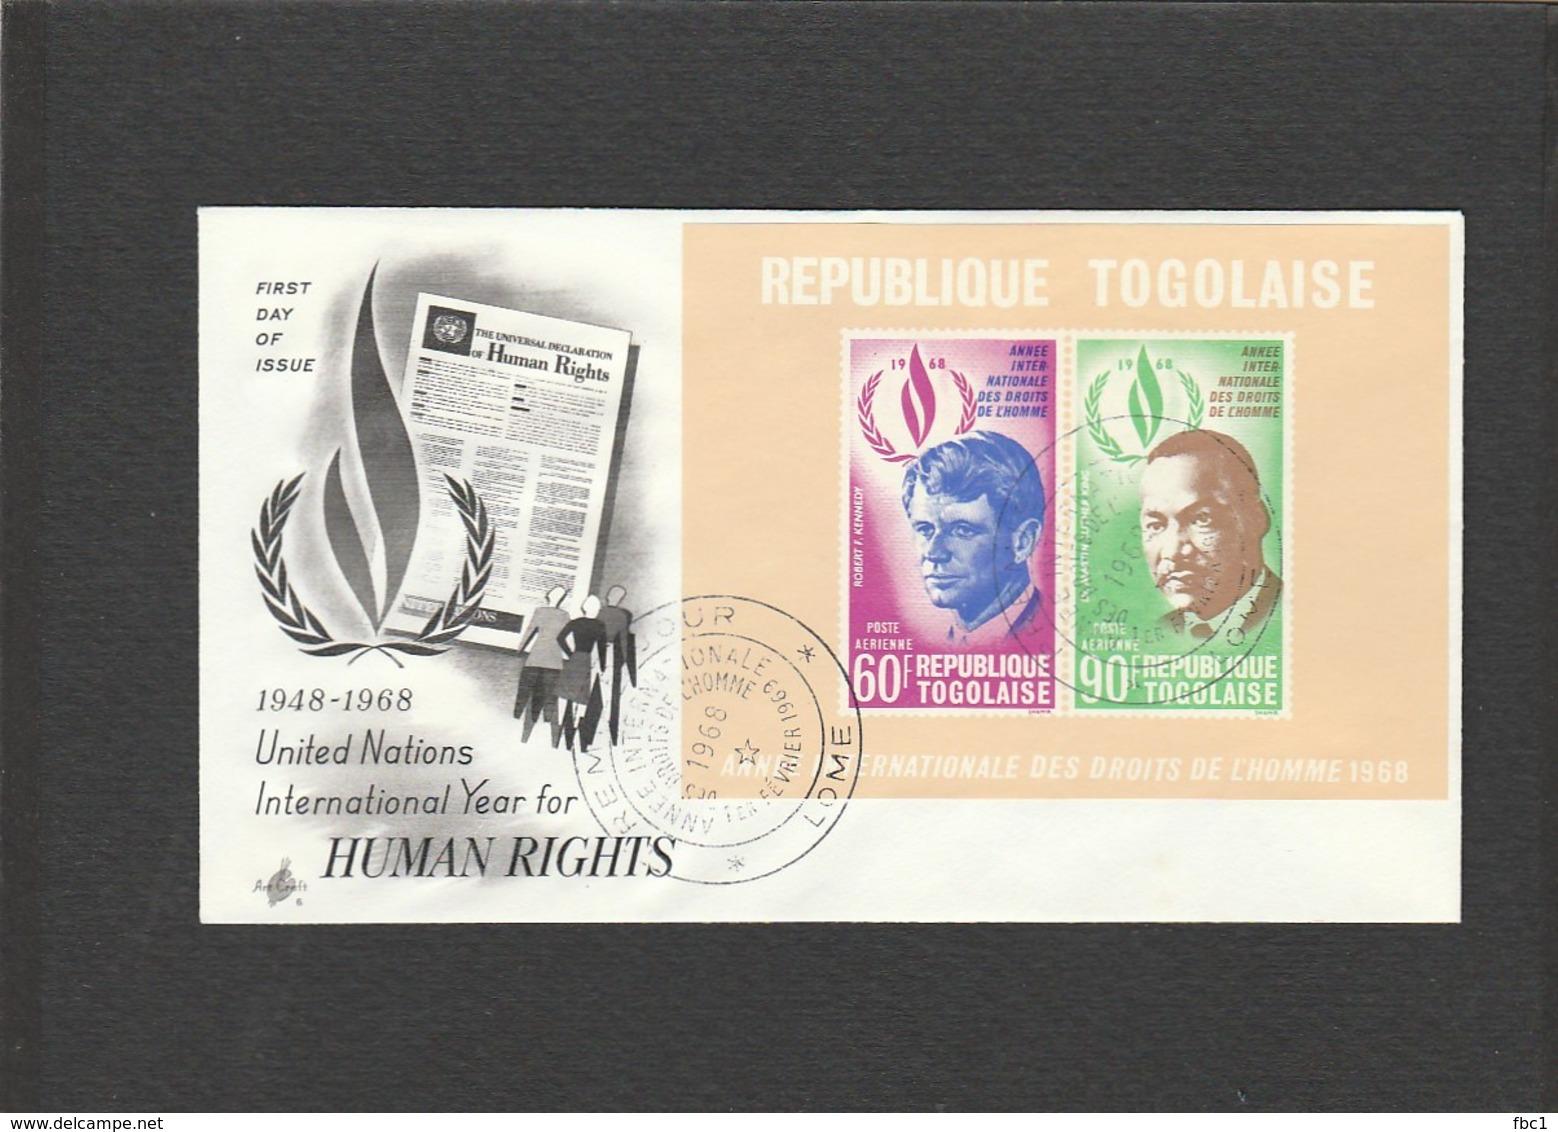 Martin Luther King - FDC République Togolaise - 1968 - Lomé - Togo - Robert F. Kennedy - Martin Luther King